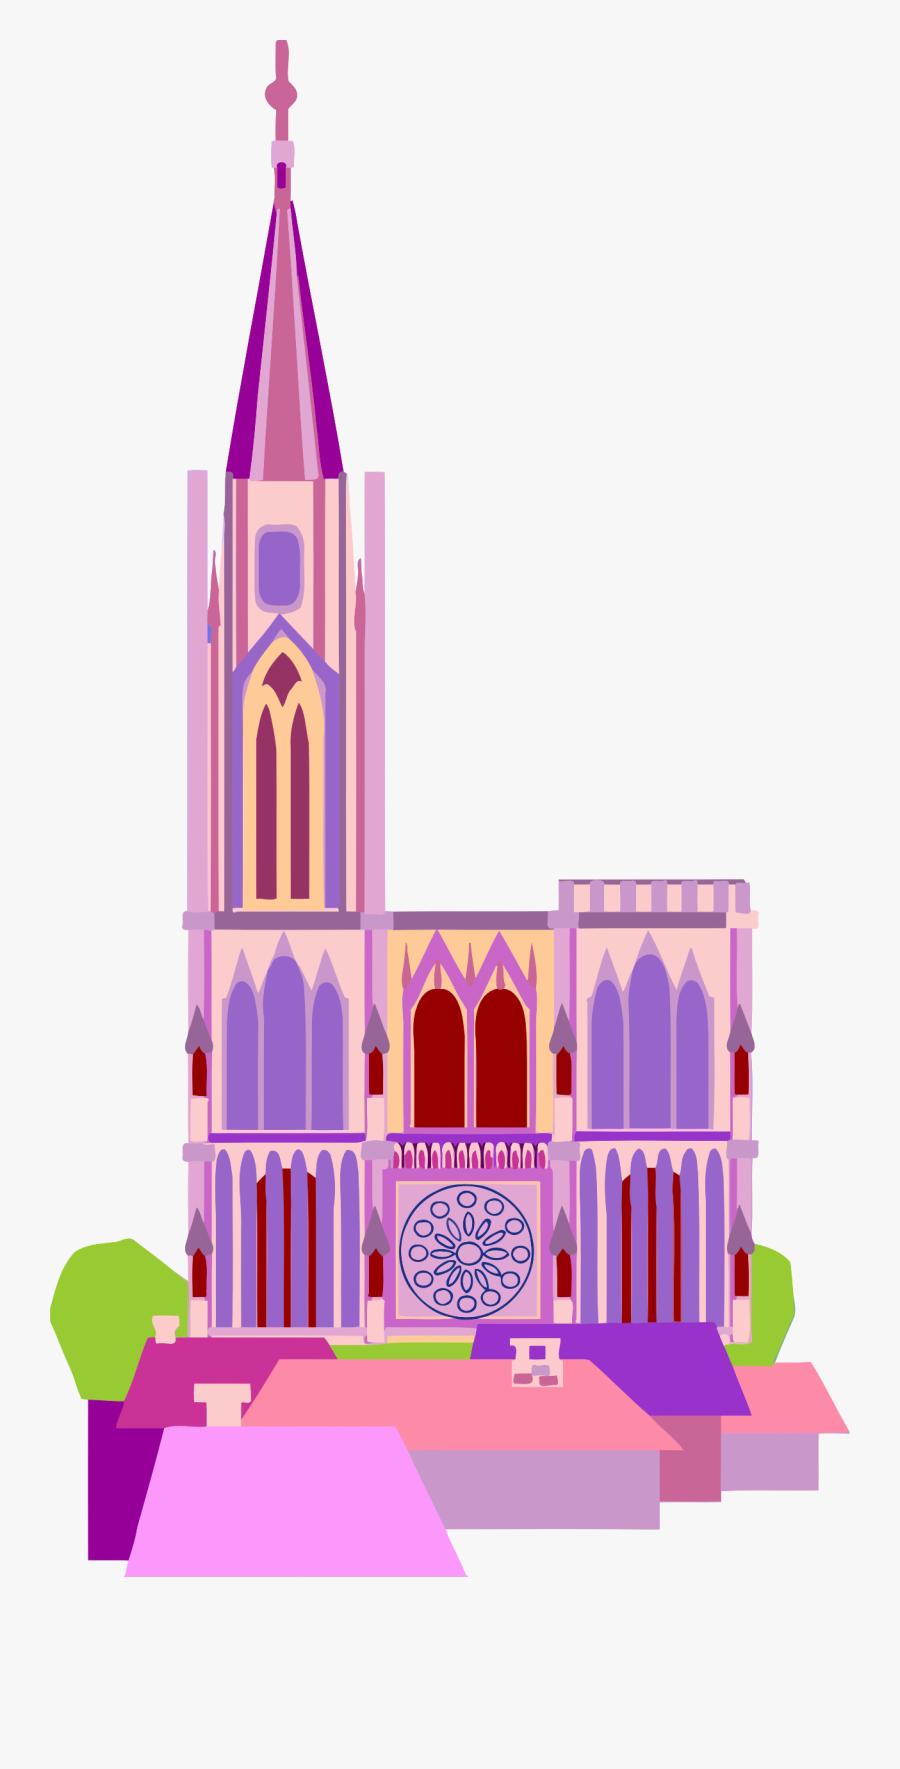 Fairytale Castle - Parish, Transparent Clipart